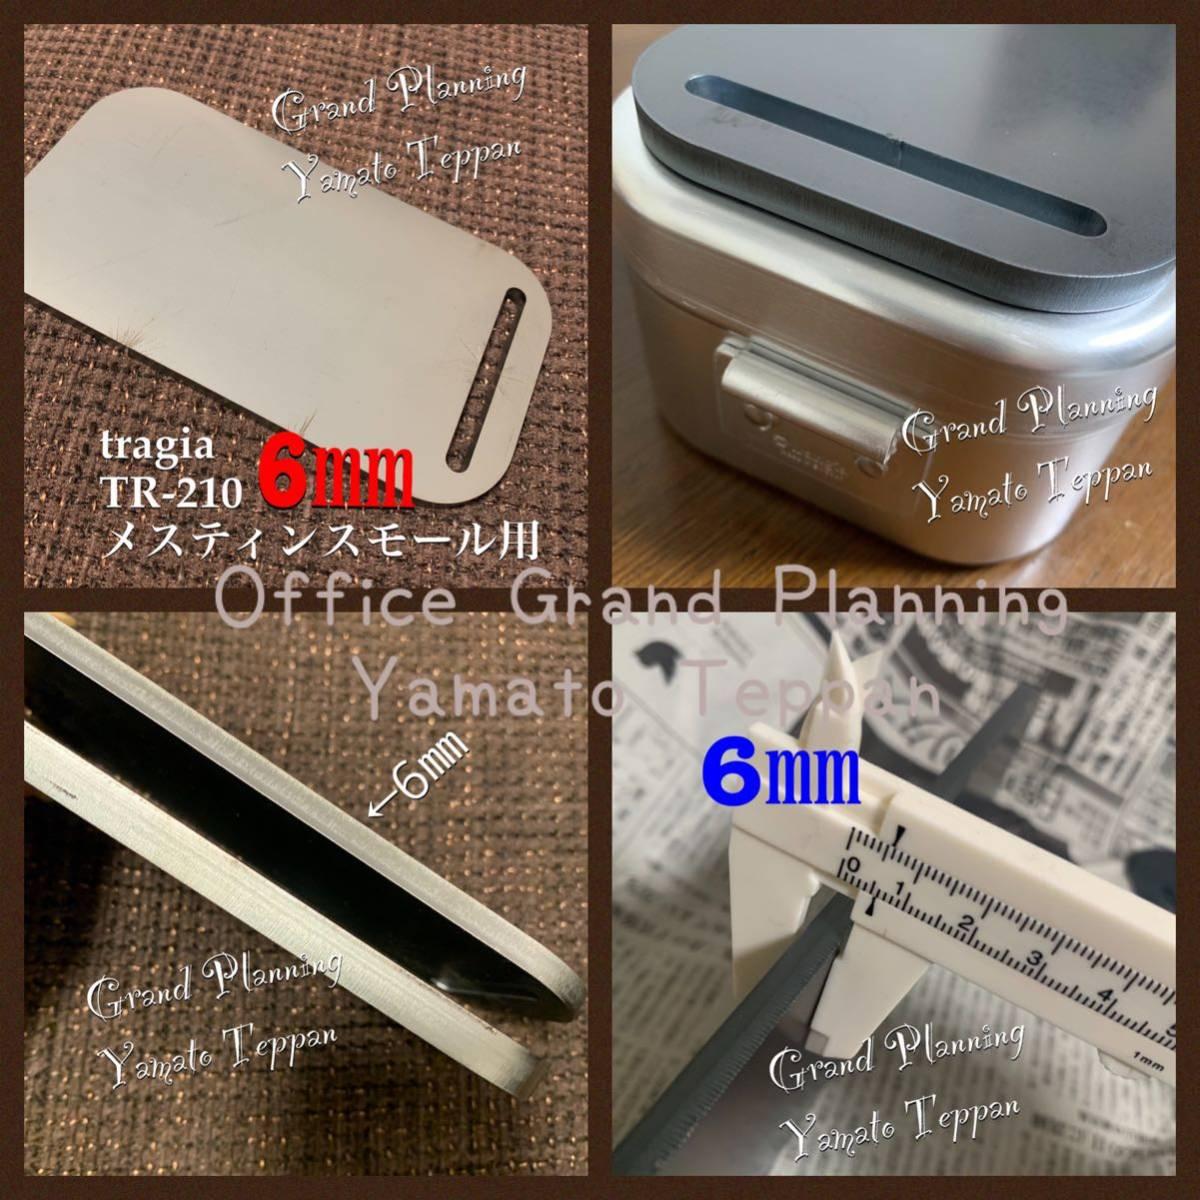 メスティン スモール 収納 サイズ 6ミリ 鉄板 鉄板のみ 大和鉄板 ミリキャンプ ニトリ にも収納可能